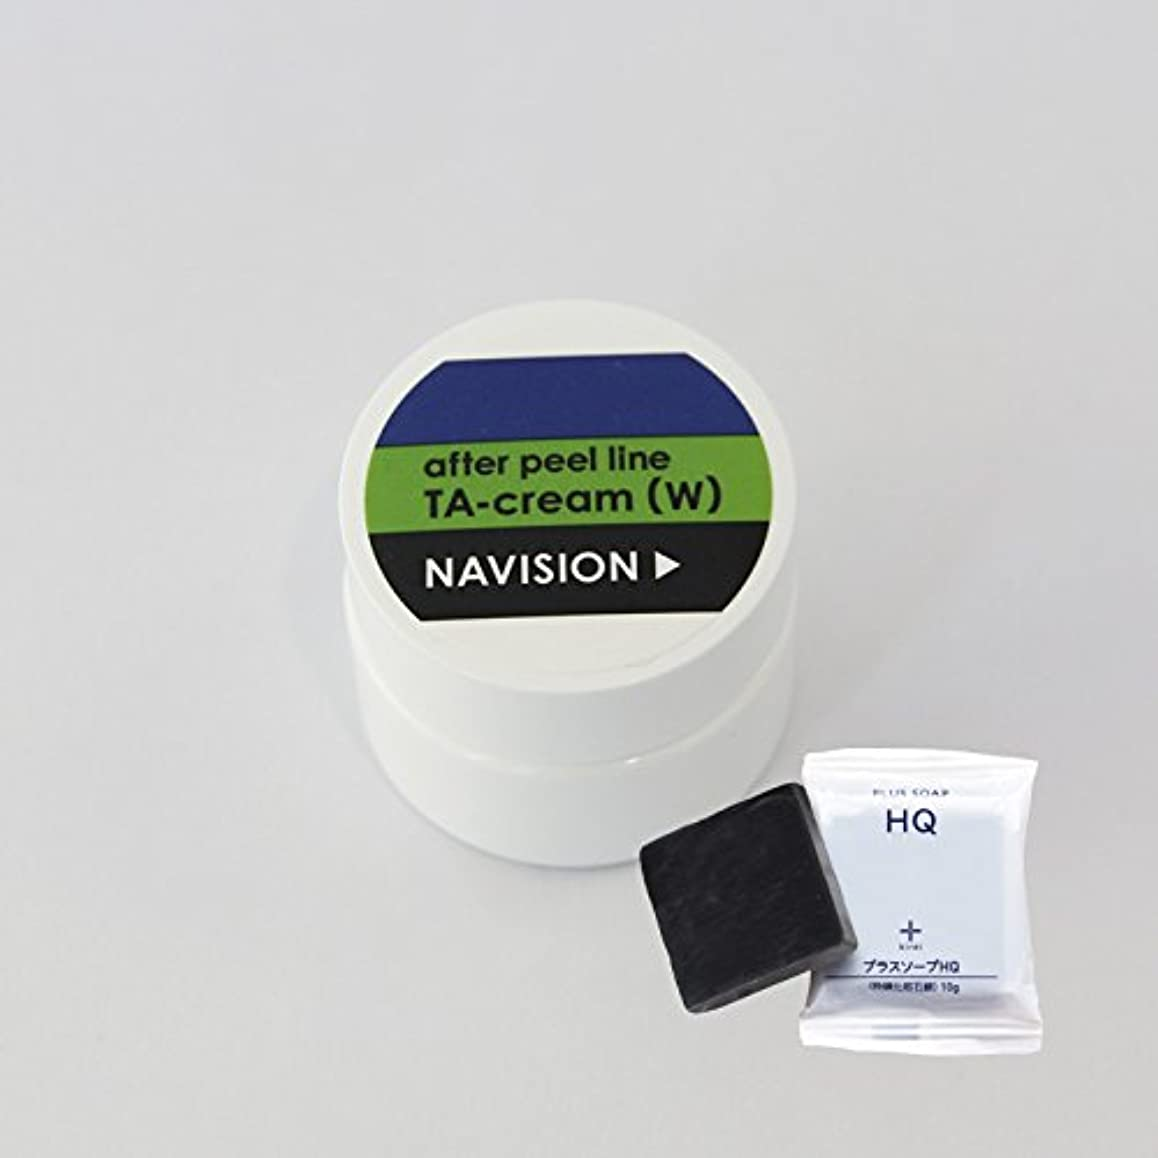 寝具市区町村仲間ナビジョン NAVISION TAクリーム(W) 30g (医薬部外品) + プラスキレイ プラスソープHQミニ